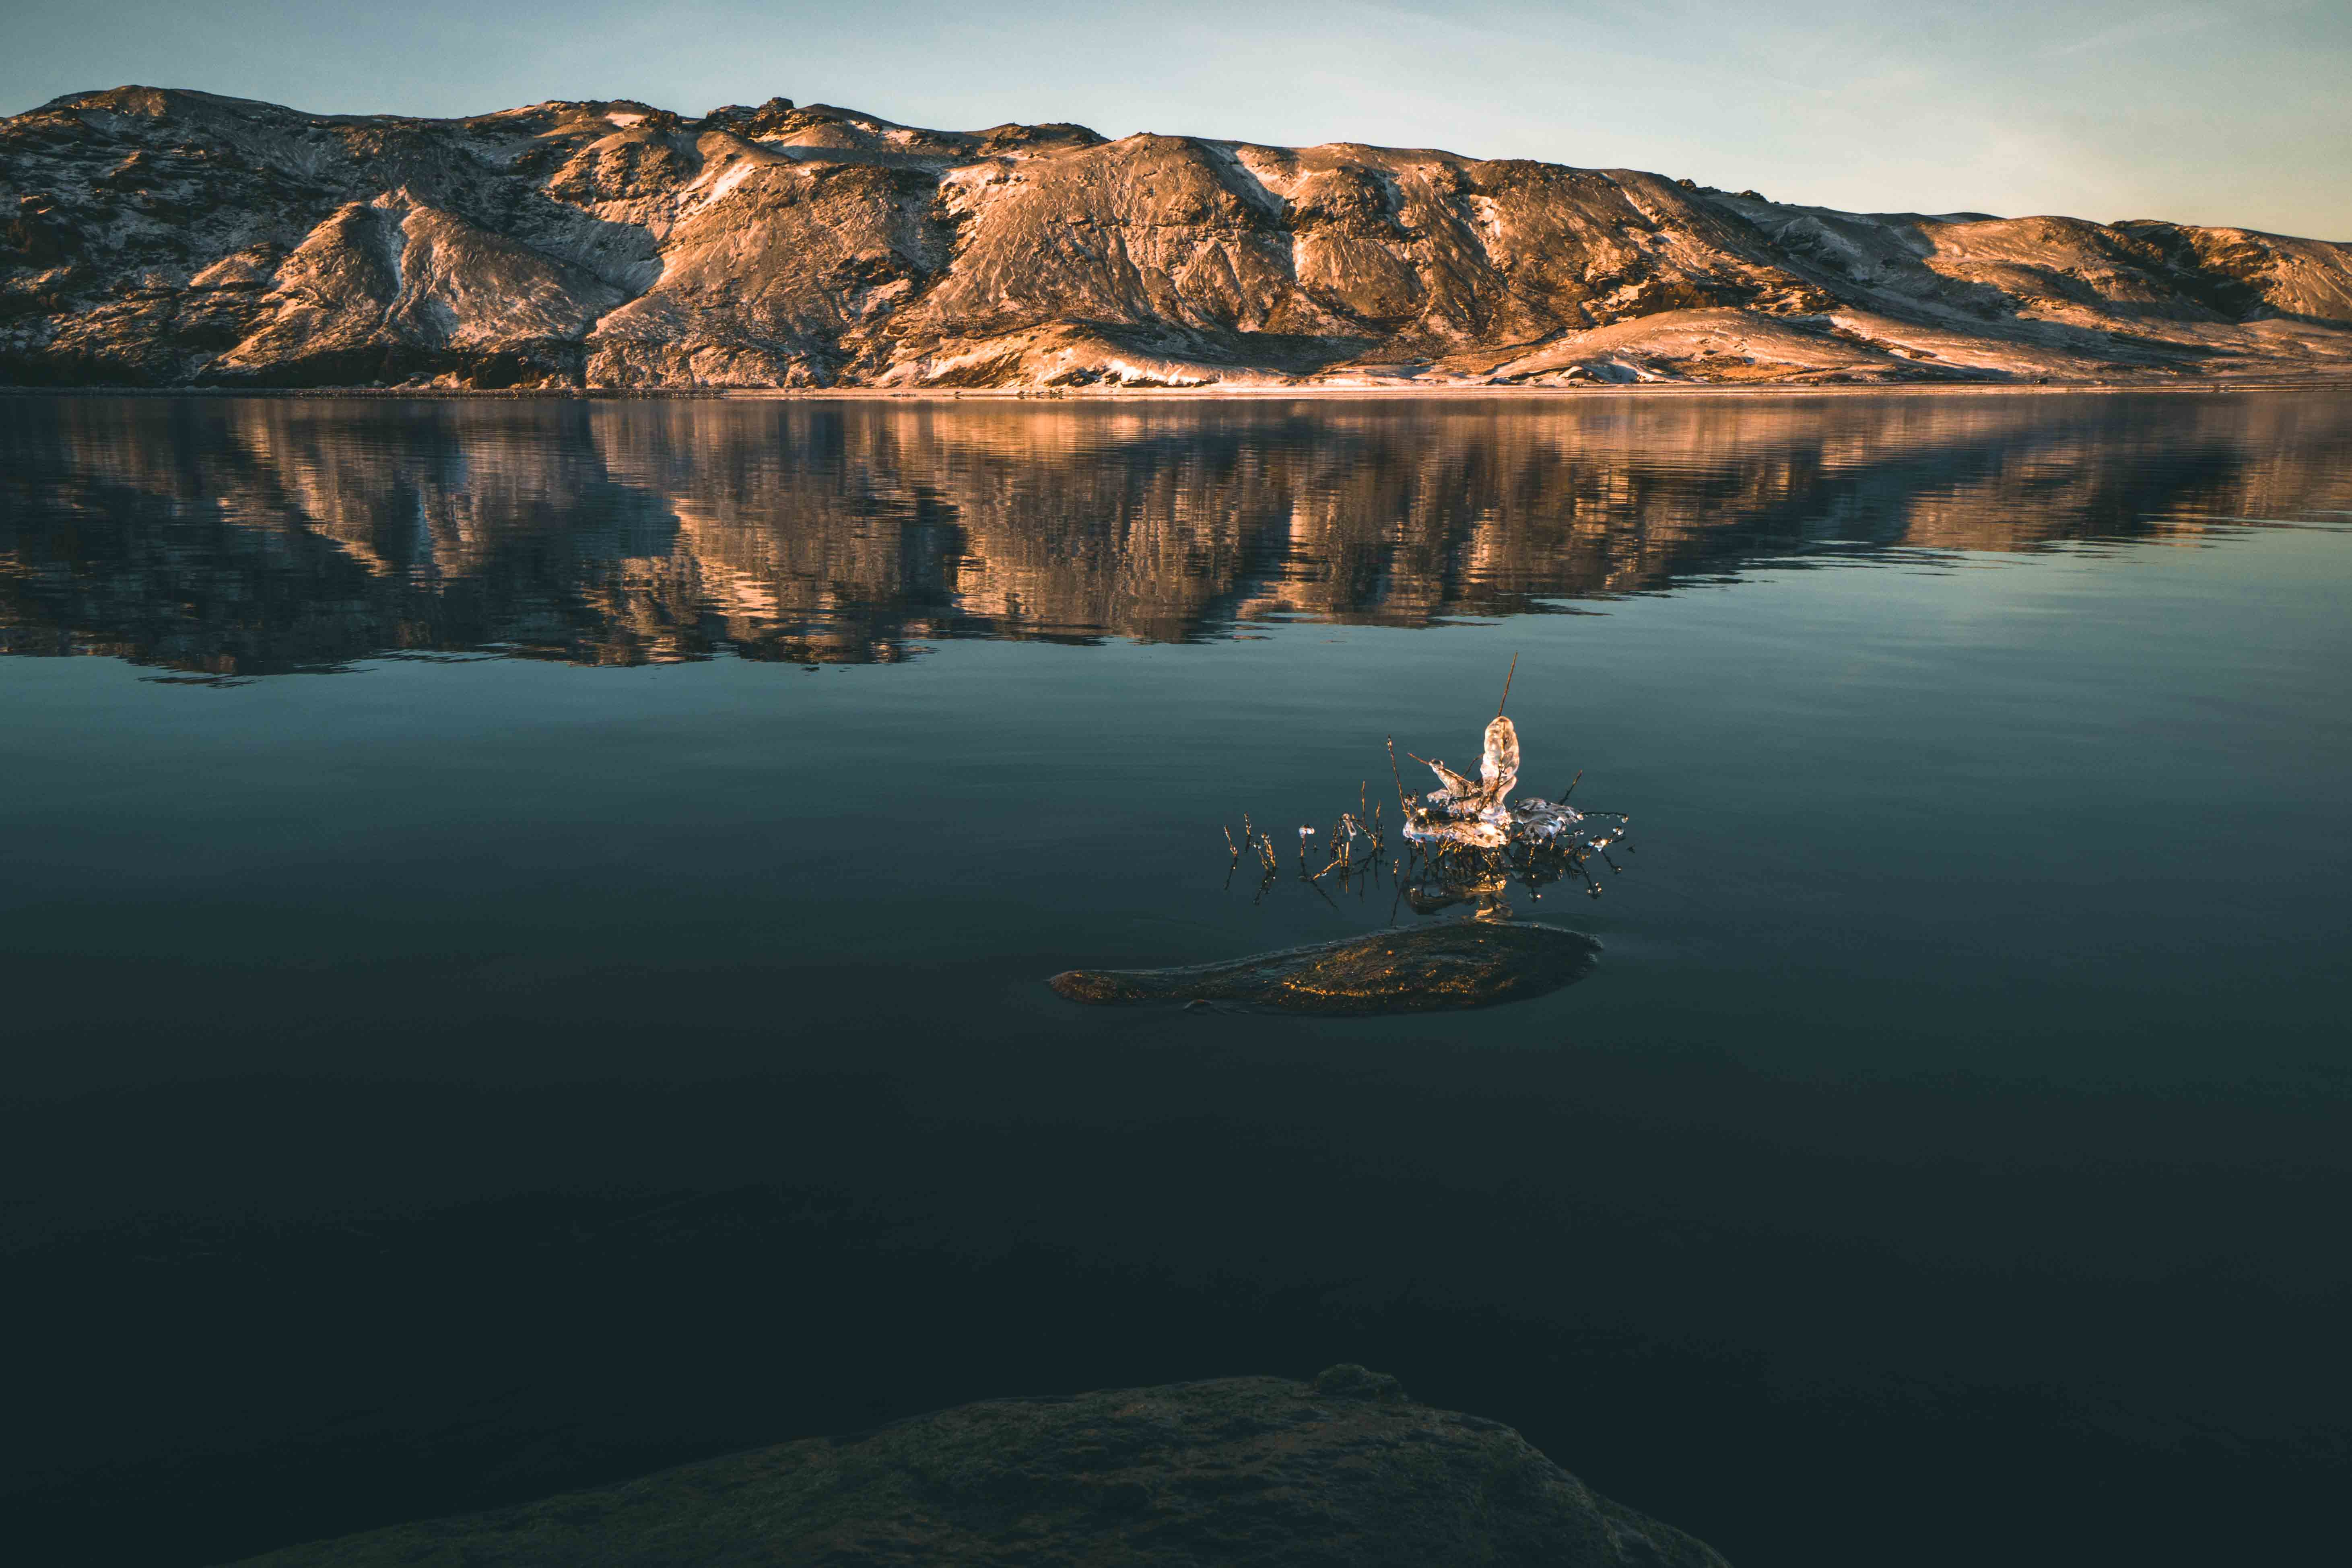 Reisetipp für den schönsten Ort in der Nähe von Reykjavik